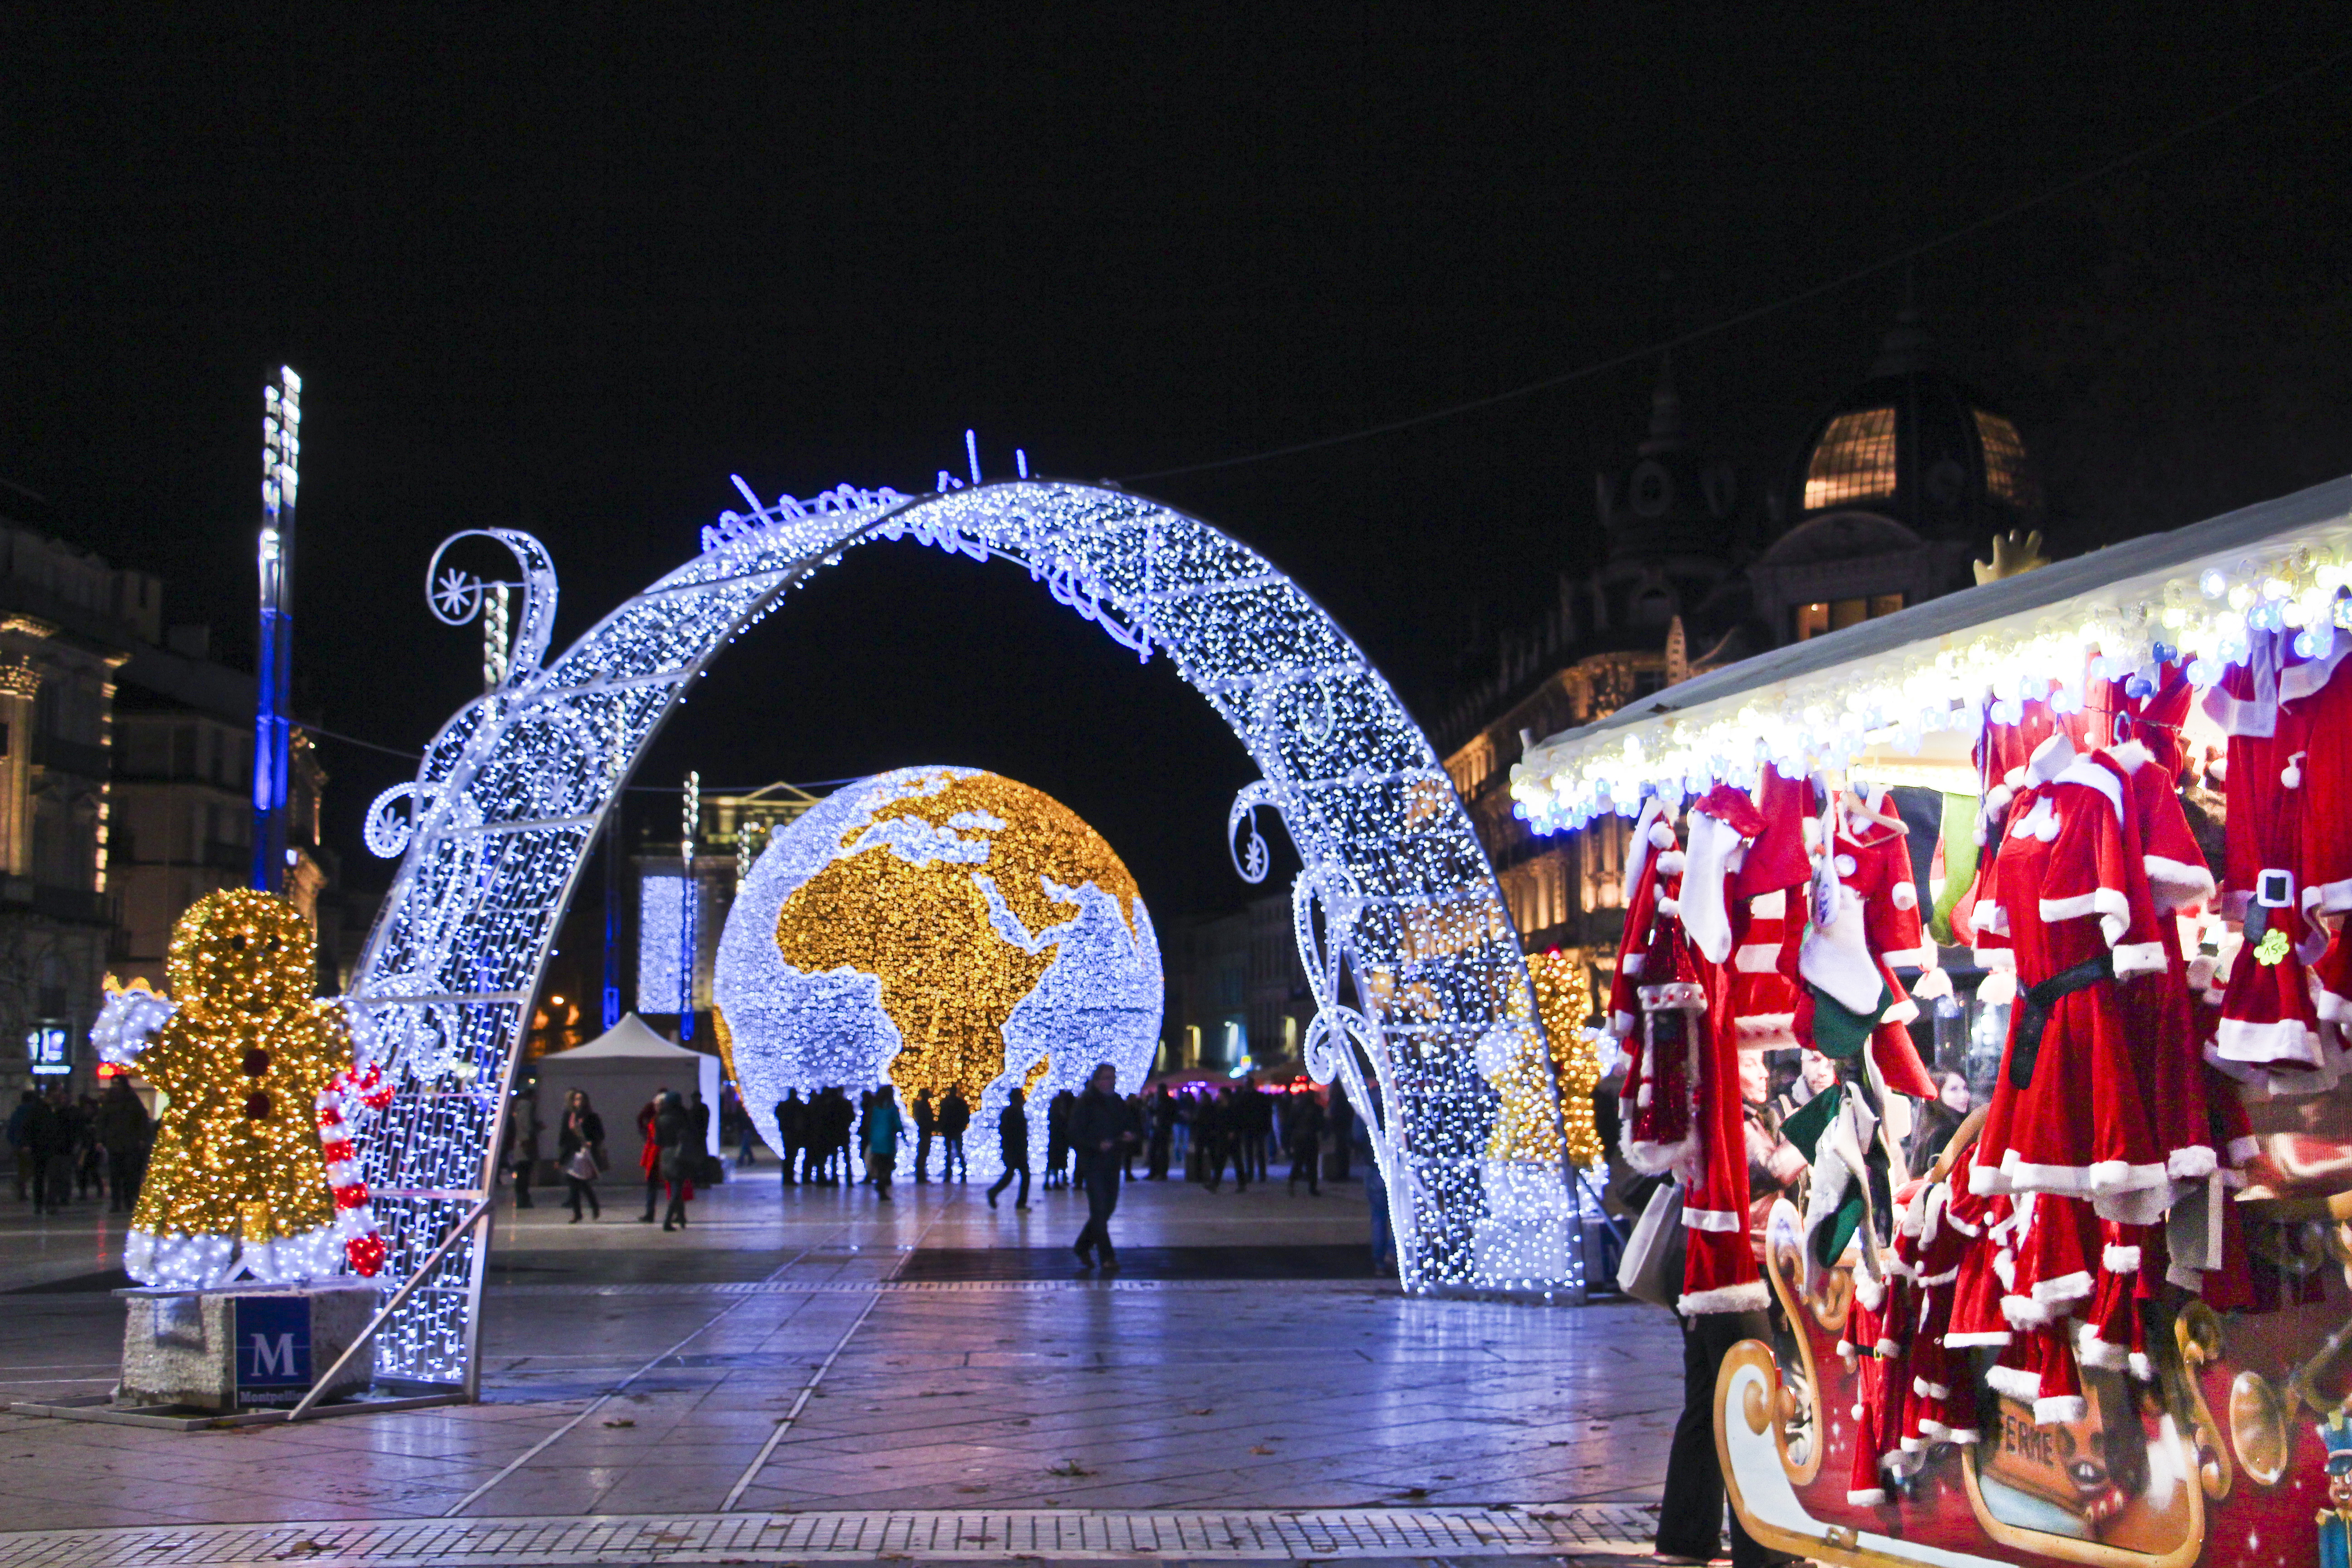 La visite guidée Nocturne de Noël de retour à partir du samedi 5 décembre !